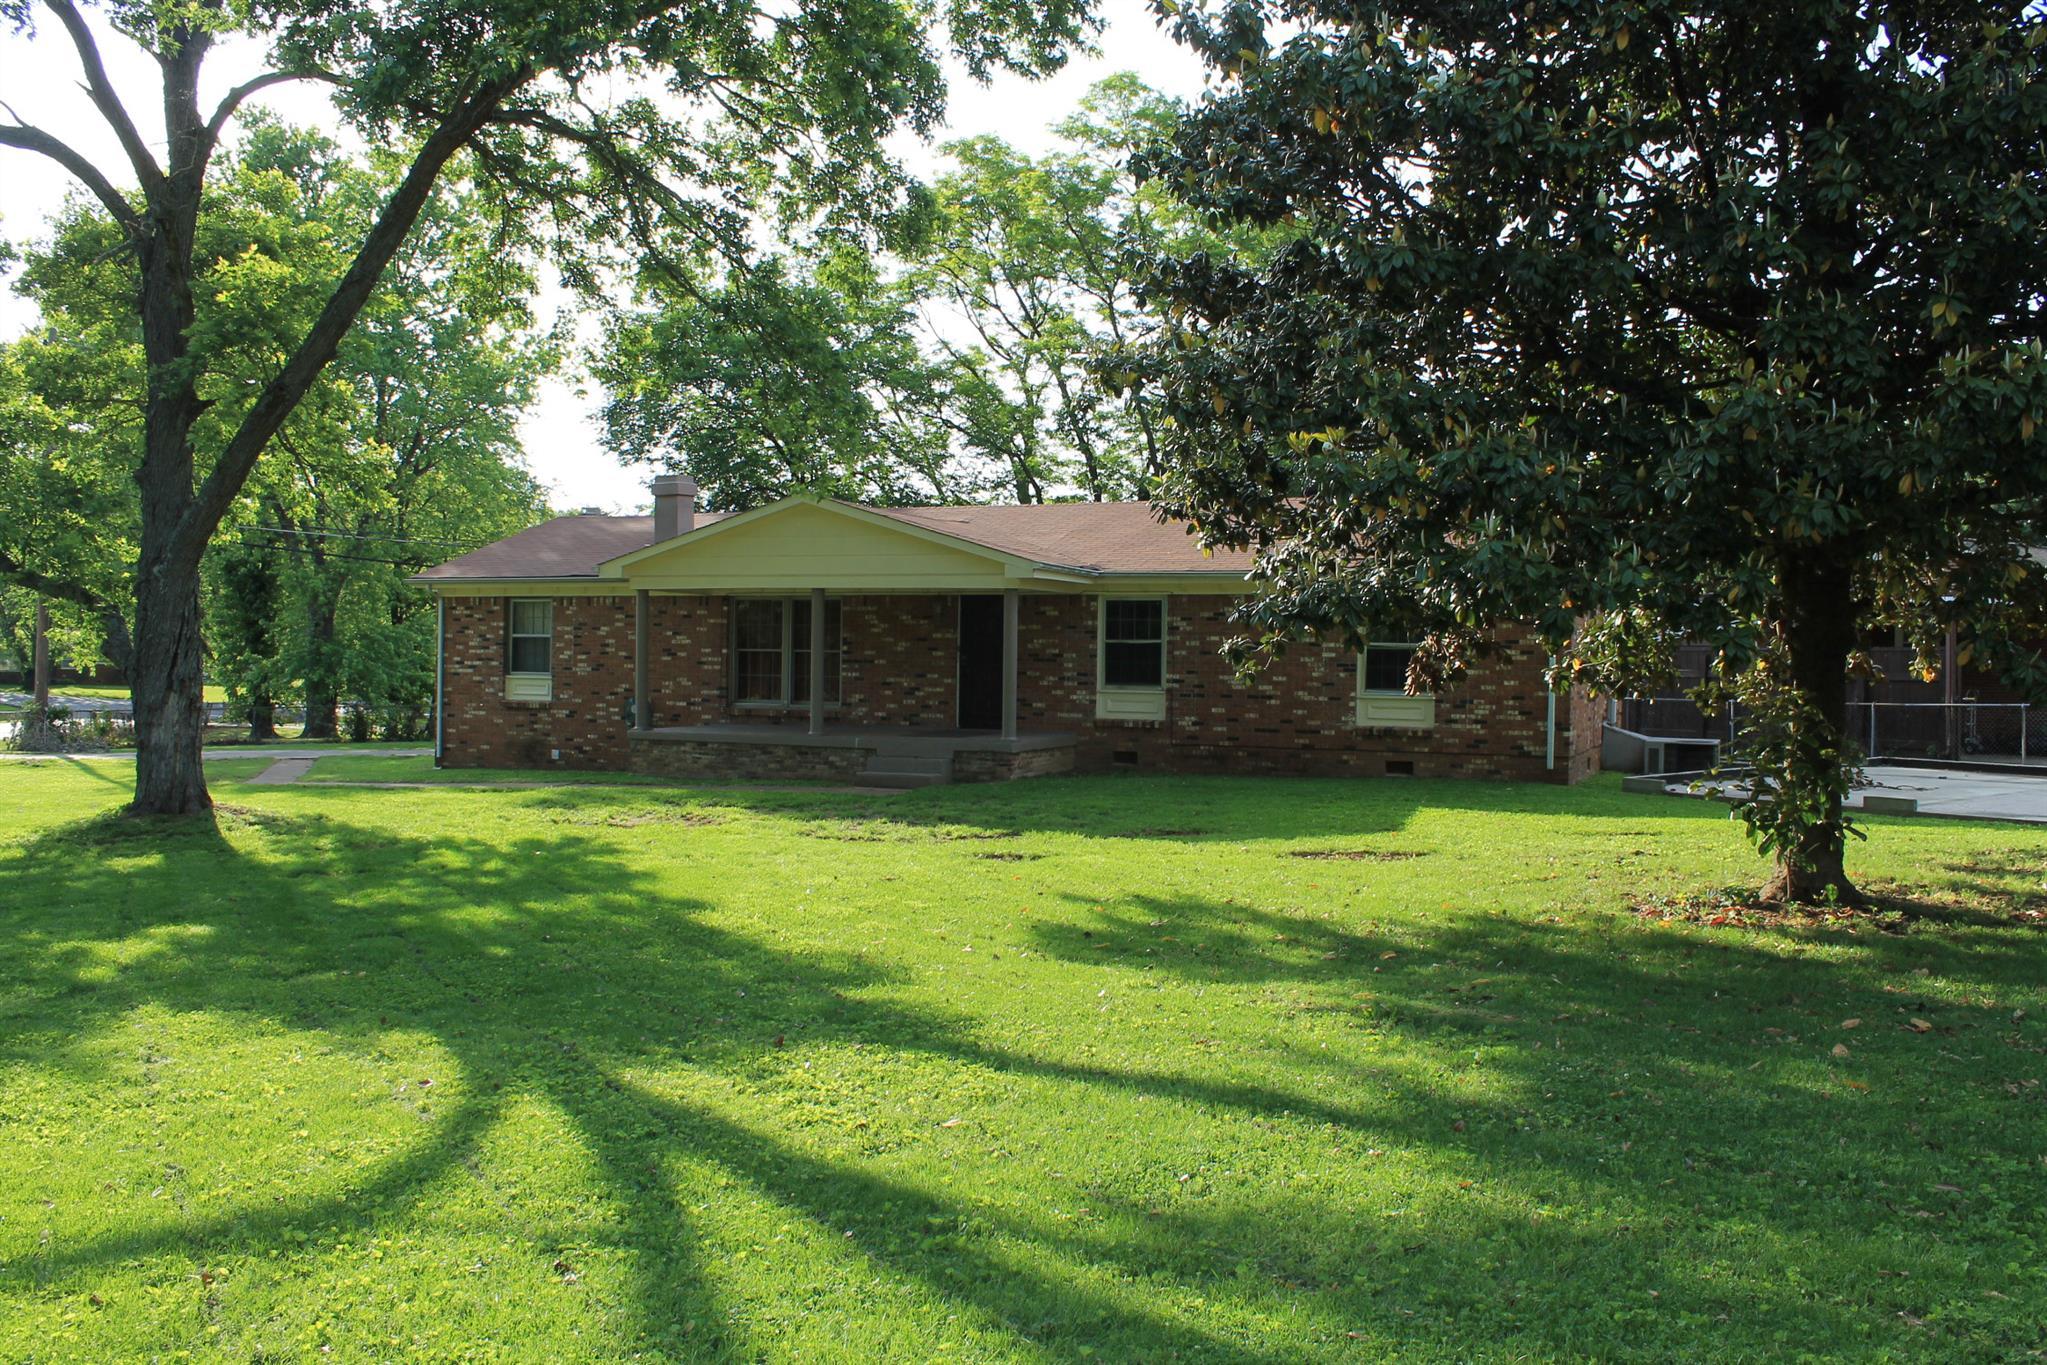 255 Pine Mountain Rd, Clarksville, TN 37042